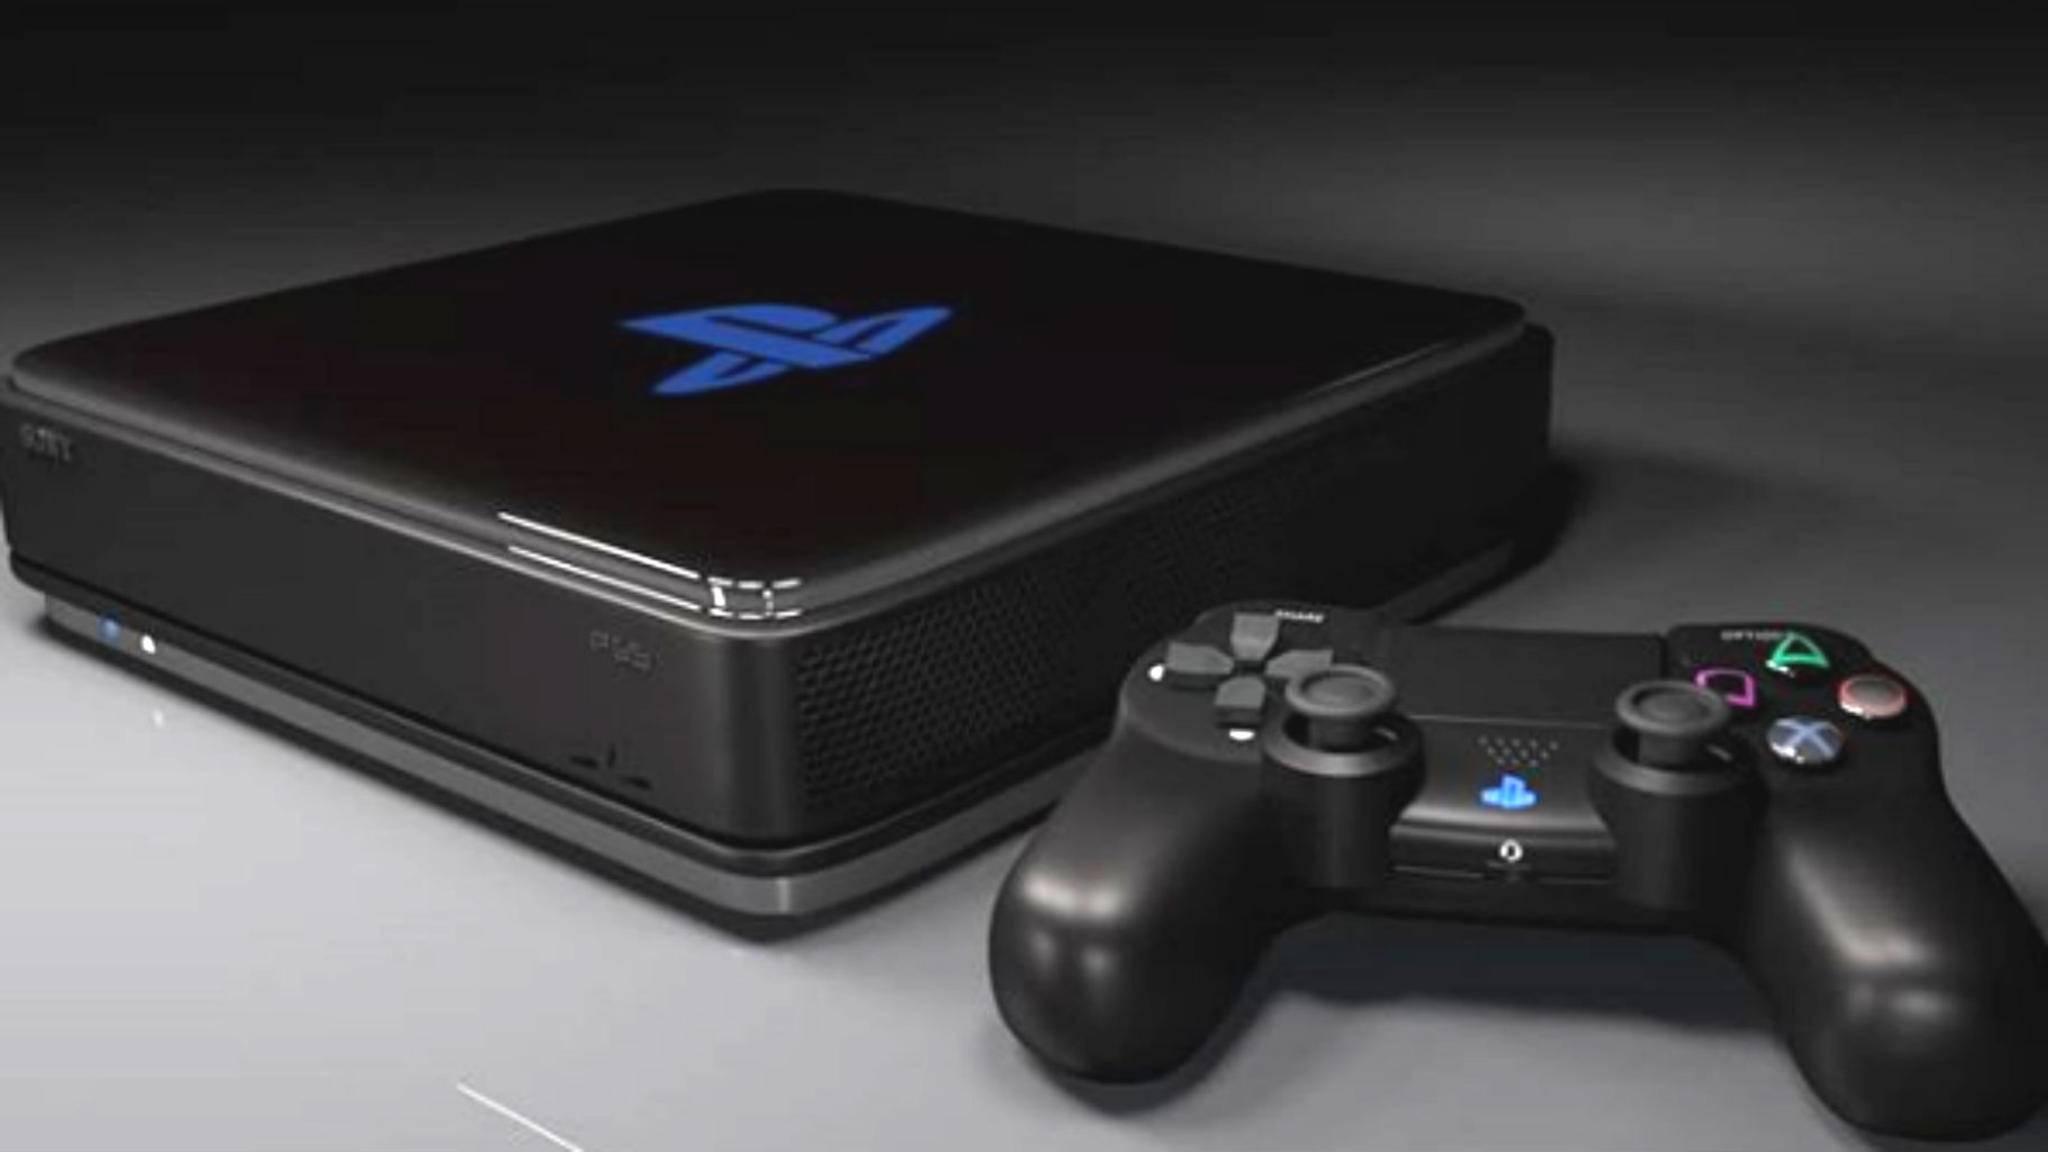 Wird so die PS5 aussehen? Das wissen wir auch nicht, aber schick ist diese Design-Idee ohne Zweifel.